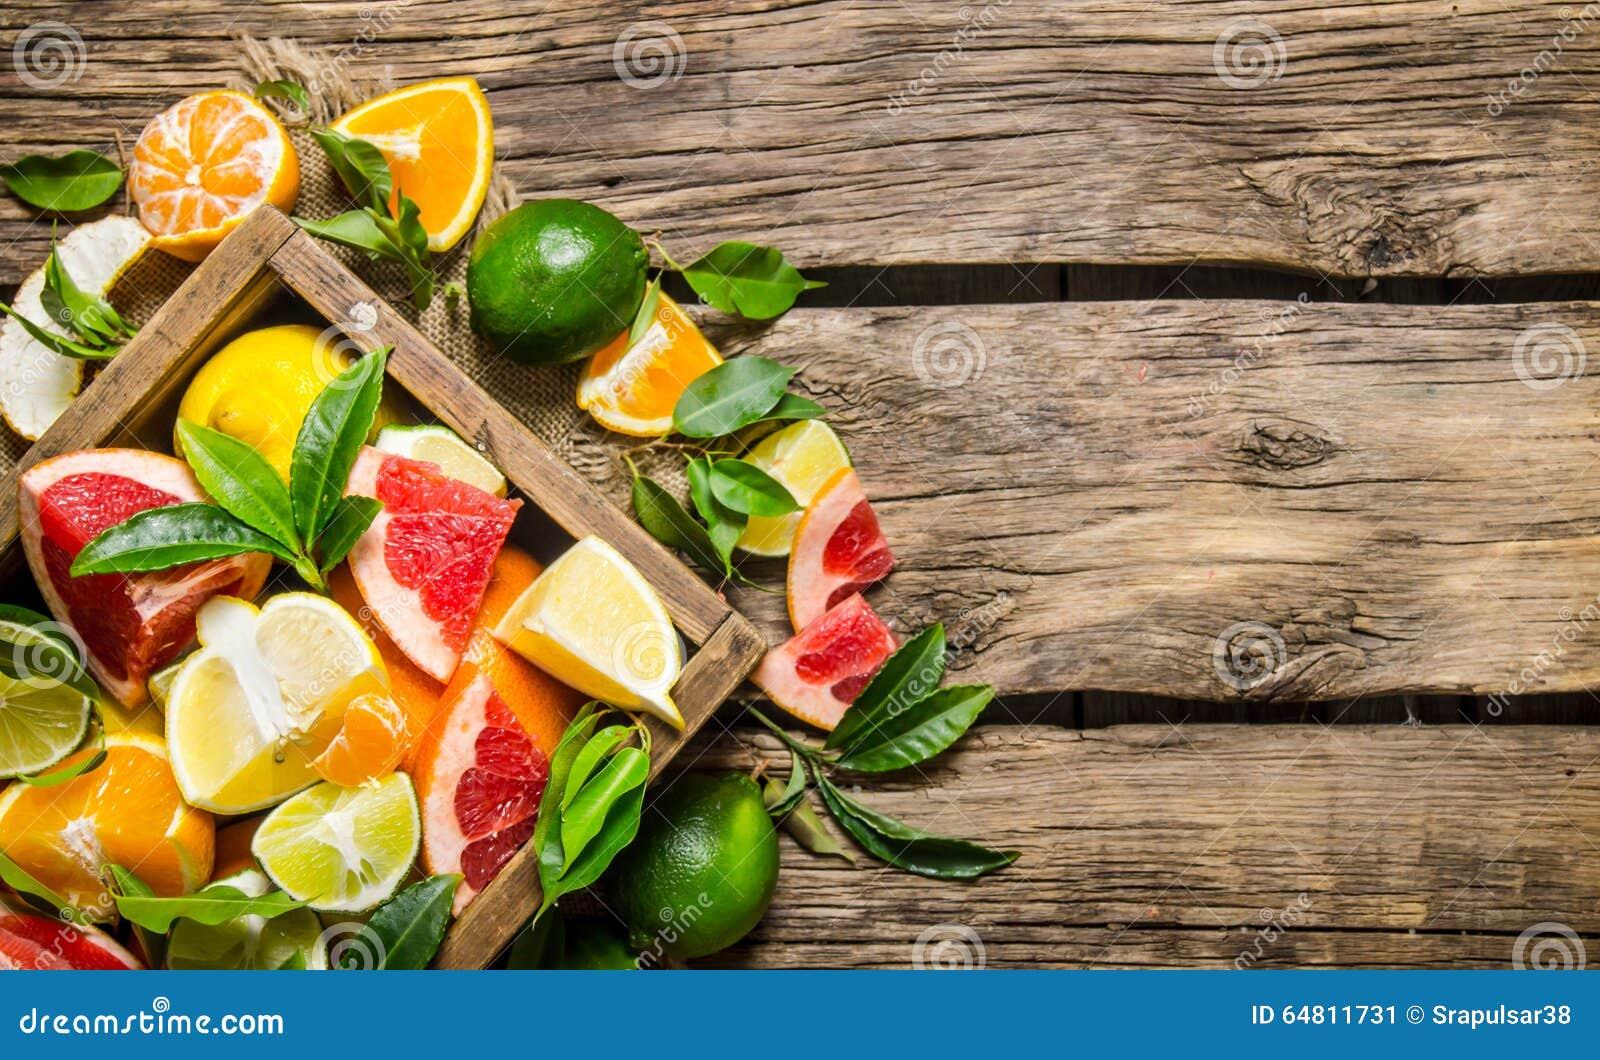 Fruta cítrica - pomelo, naranja, mandarina, limón, cal en una caja vieja